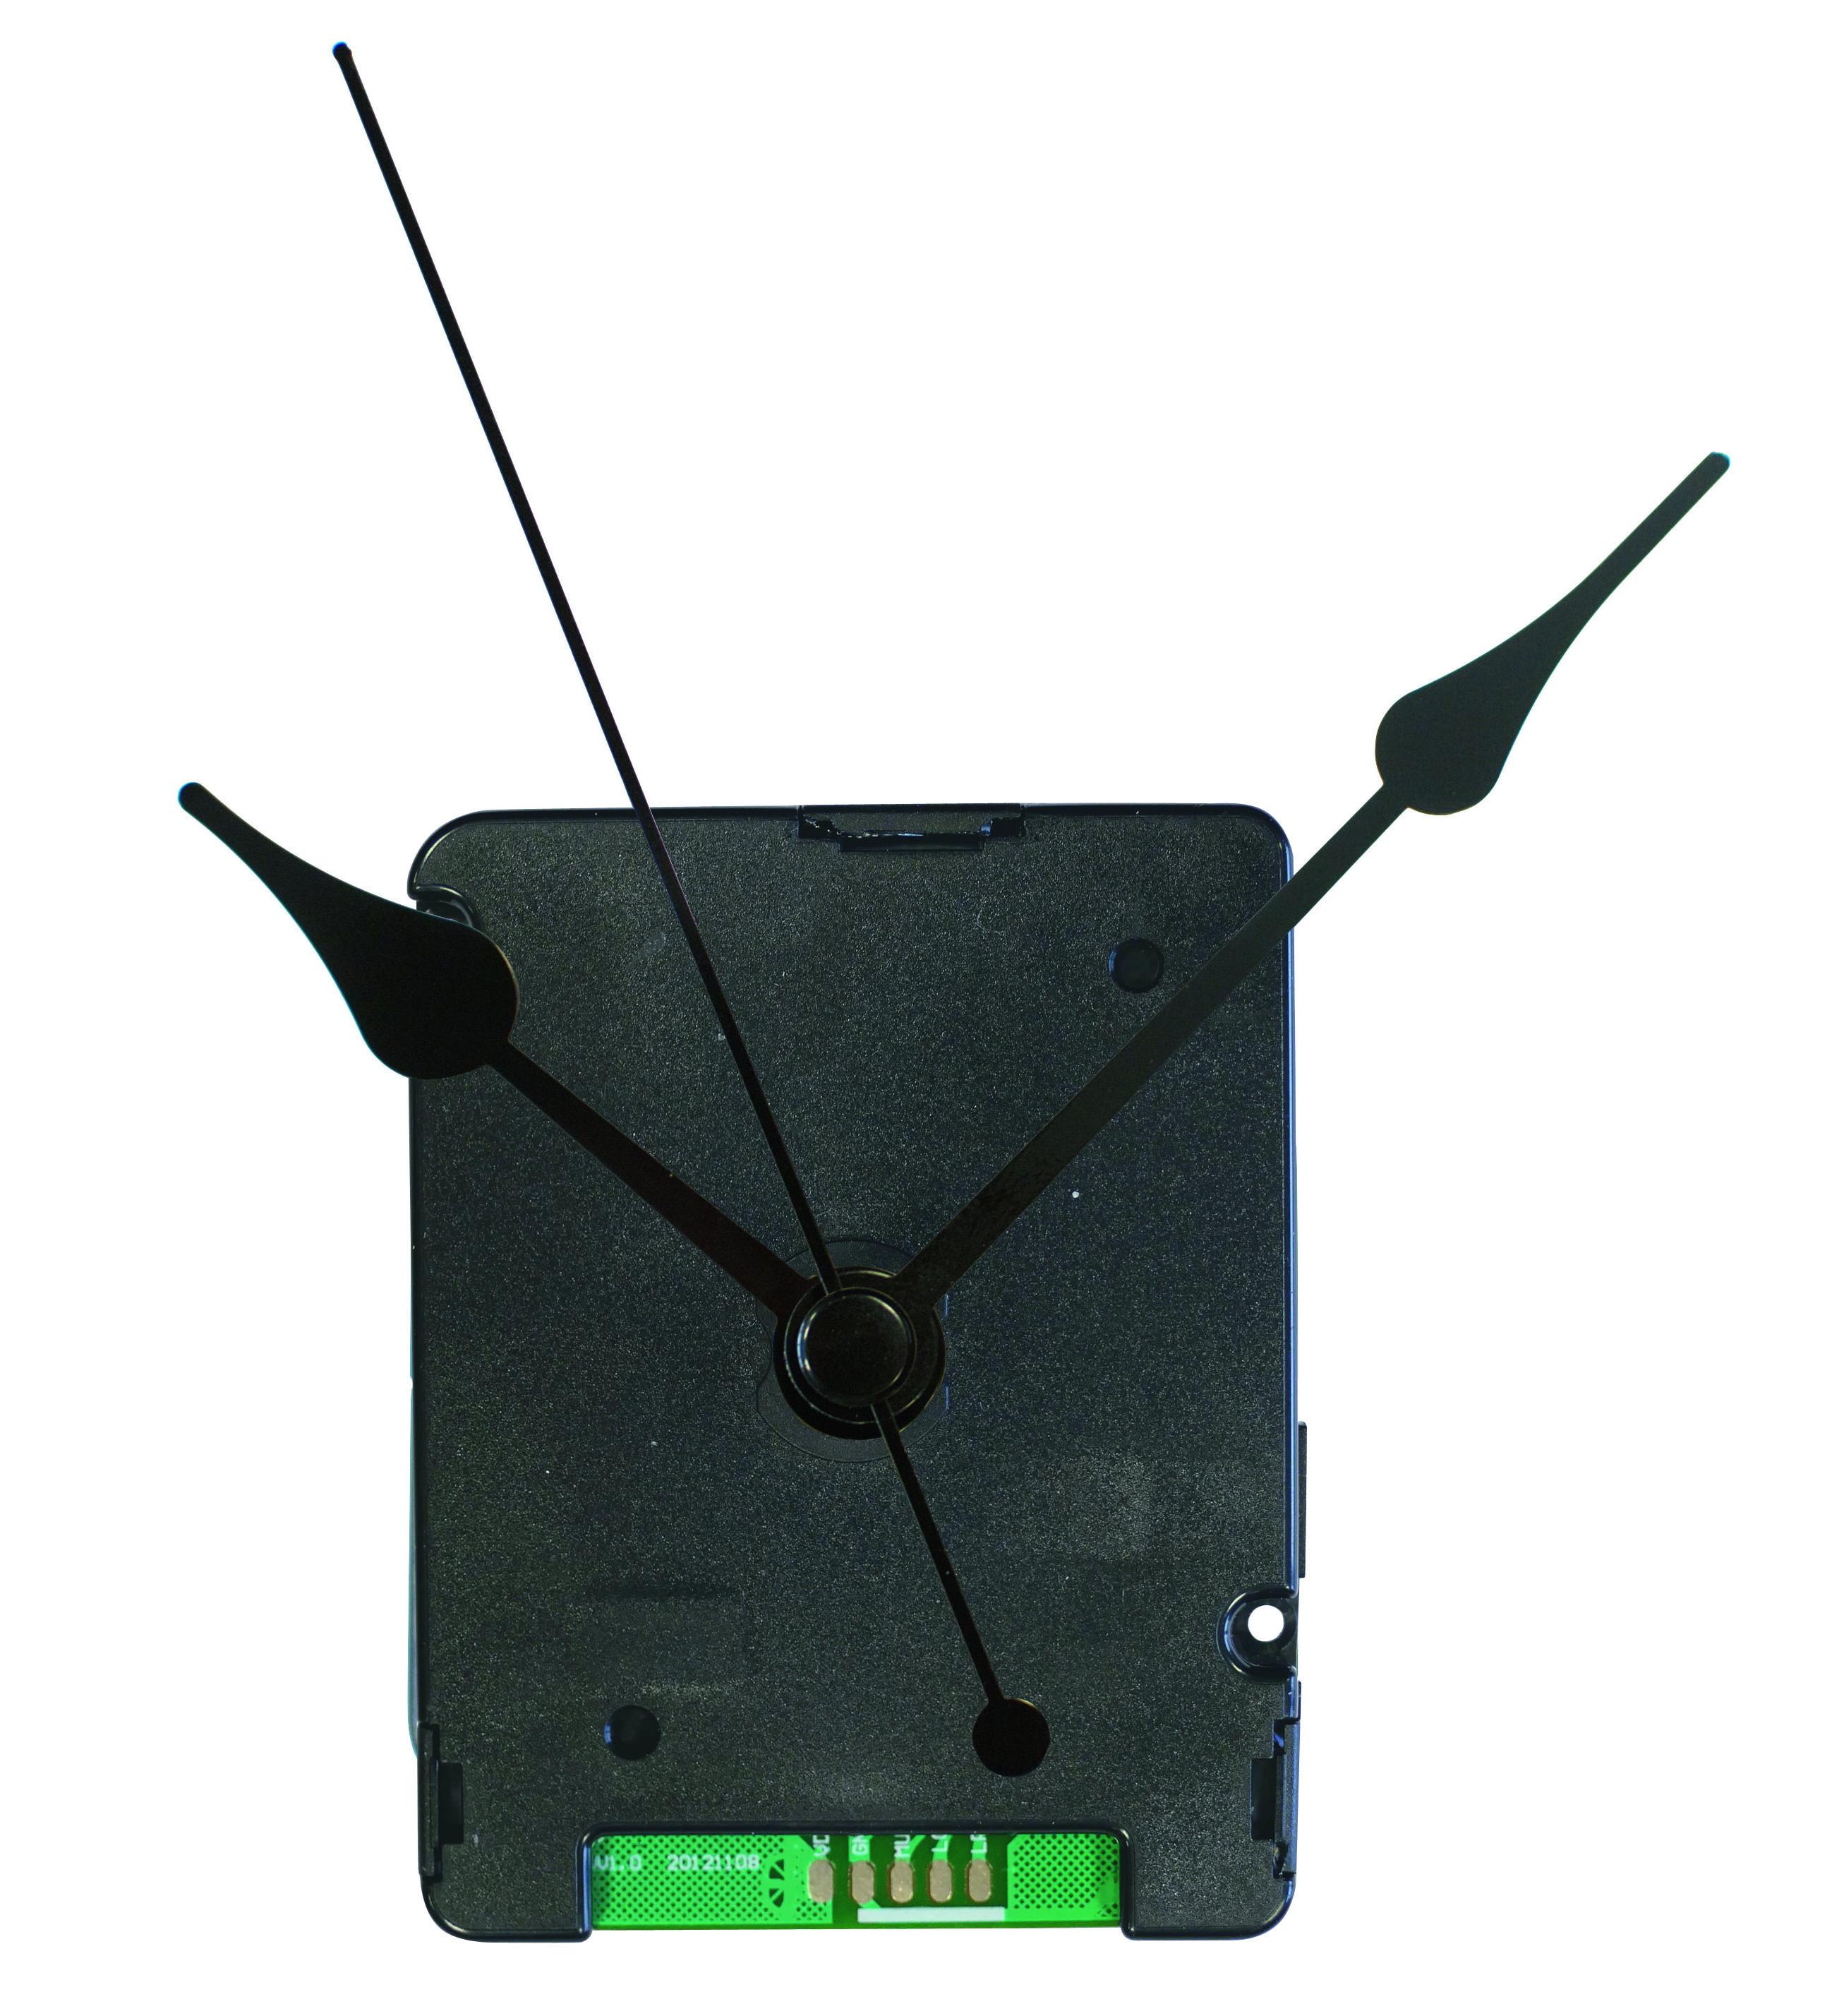 Tijdsein uurwerkset met slepende secondewijzer (geen getik).